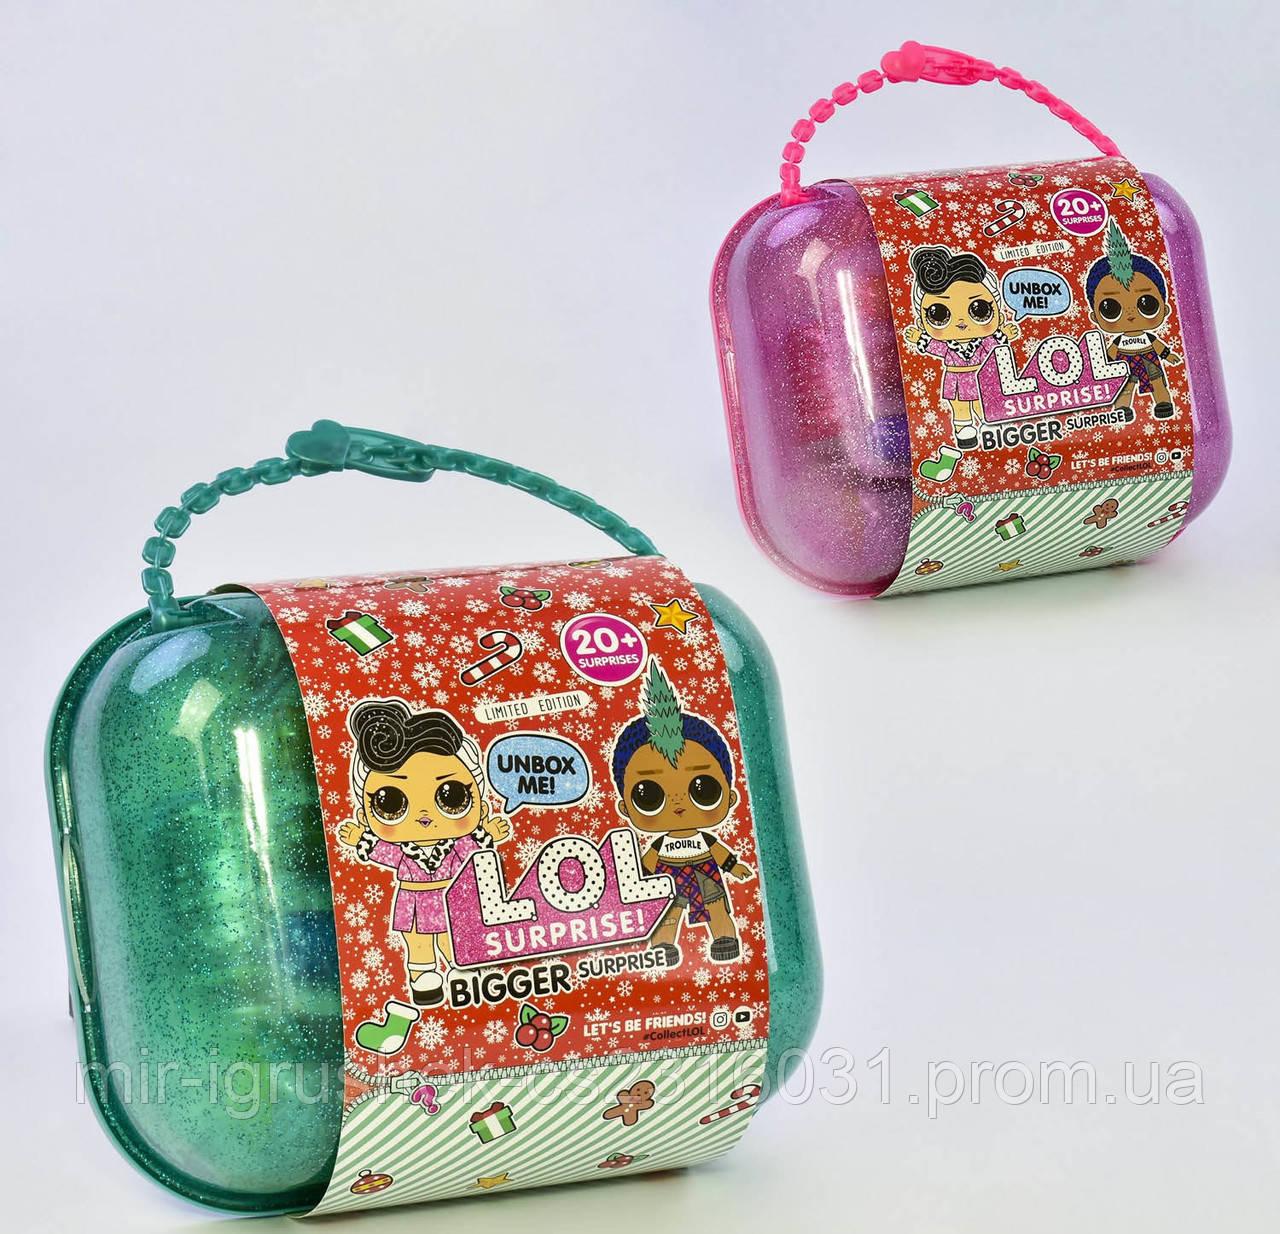 Мега-сюрприз кукла ЛОЛ в шаре: продажа, цена в Харкові ...